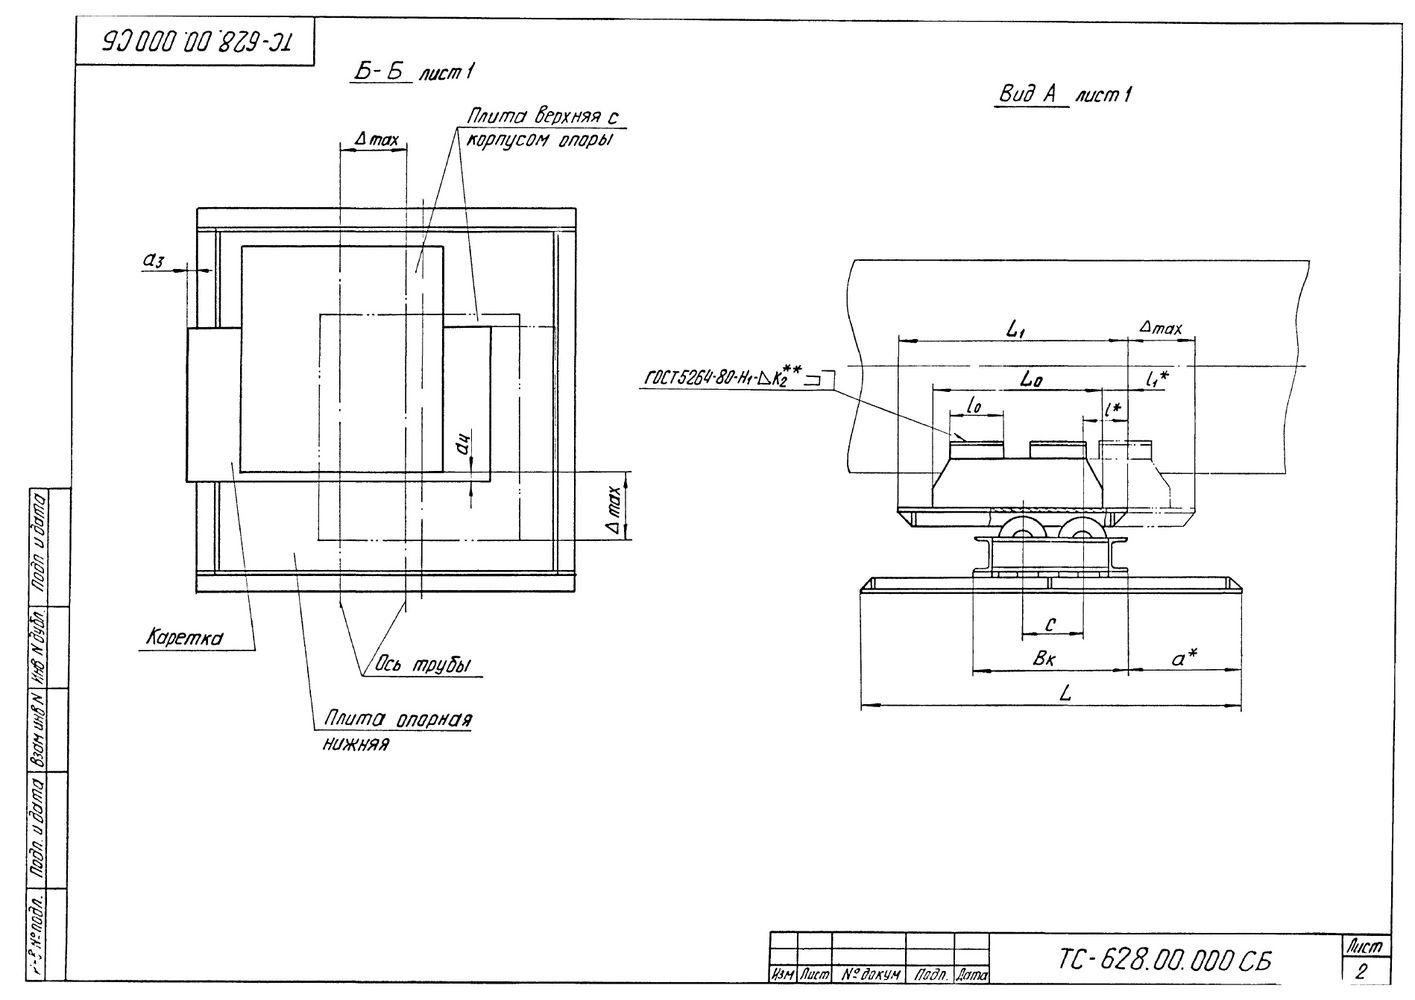 Опора катковая двухъярусная Дн194-1420мм ТС-628.00.000 серия 5.903-13 выпуск 8-95 стр.2